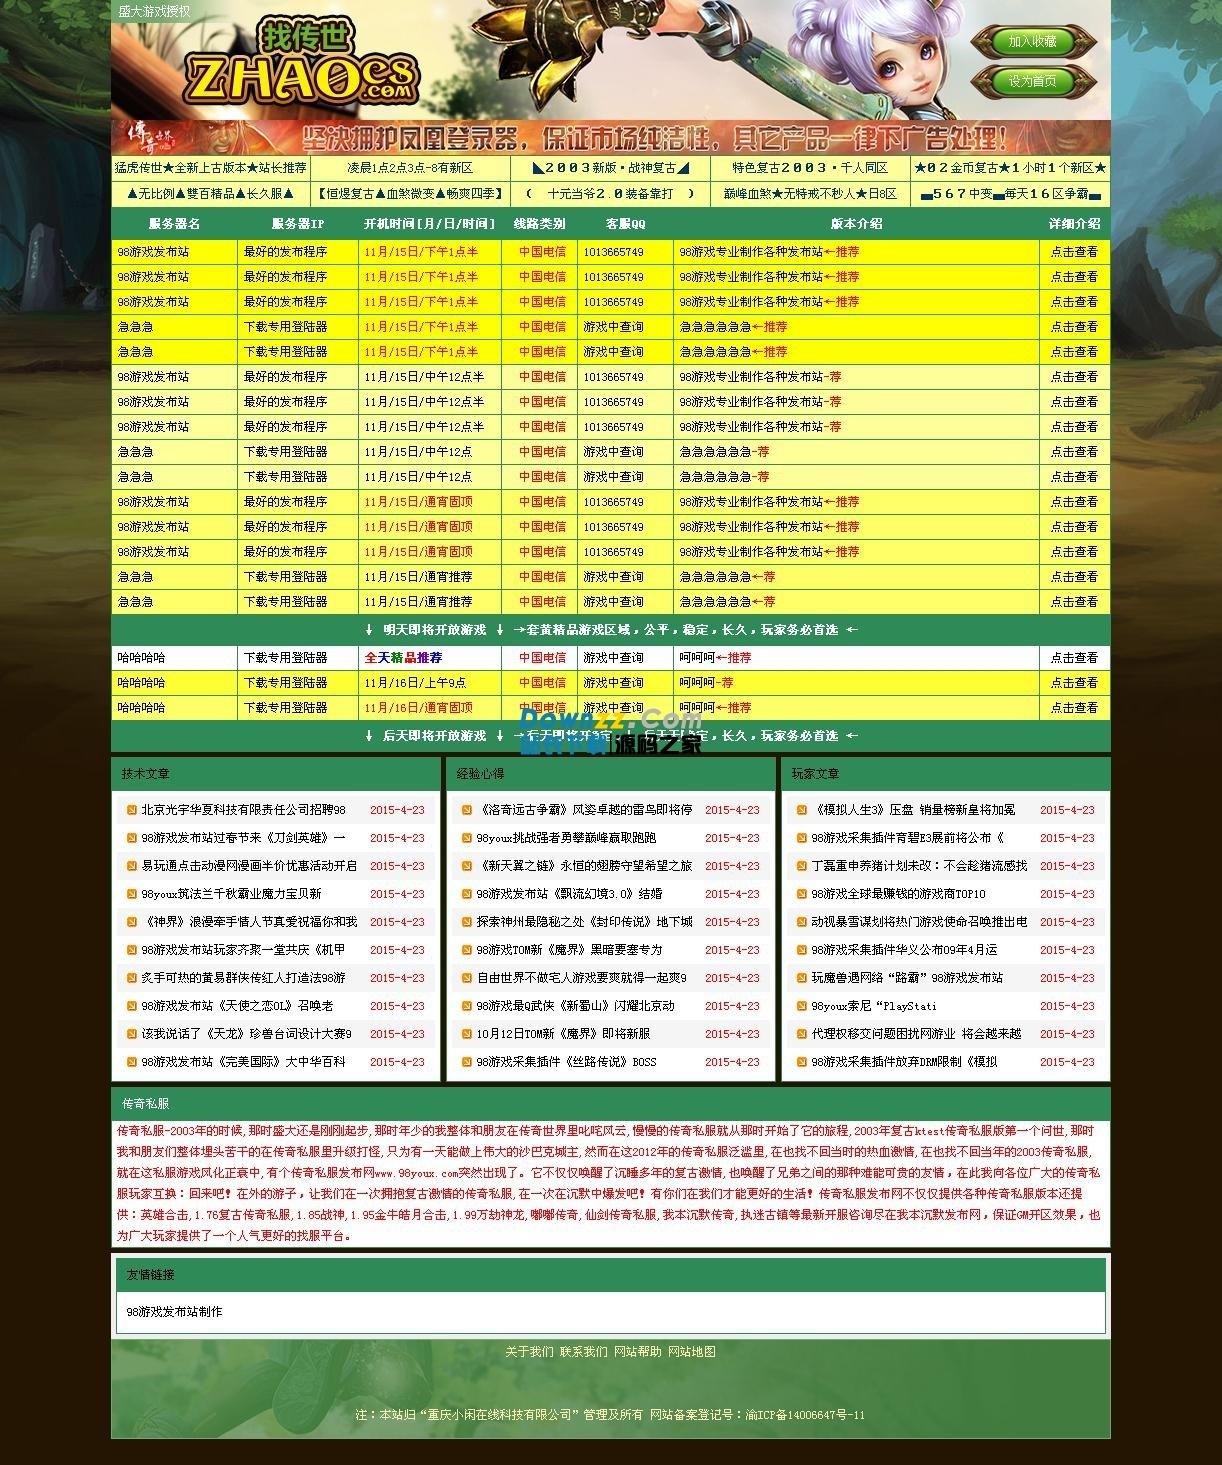 游戏发布站程序asp源码 v13.1